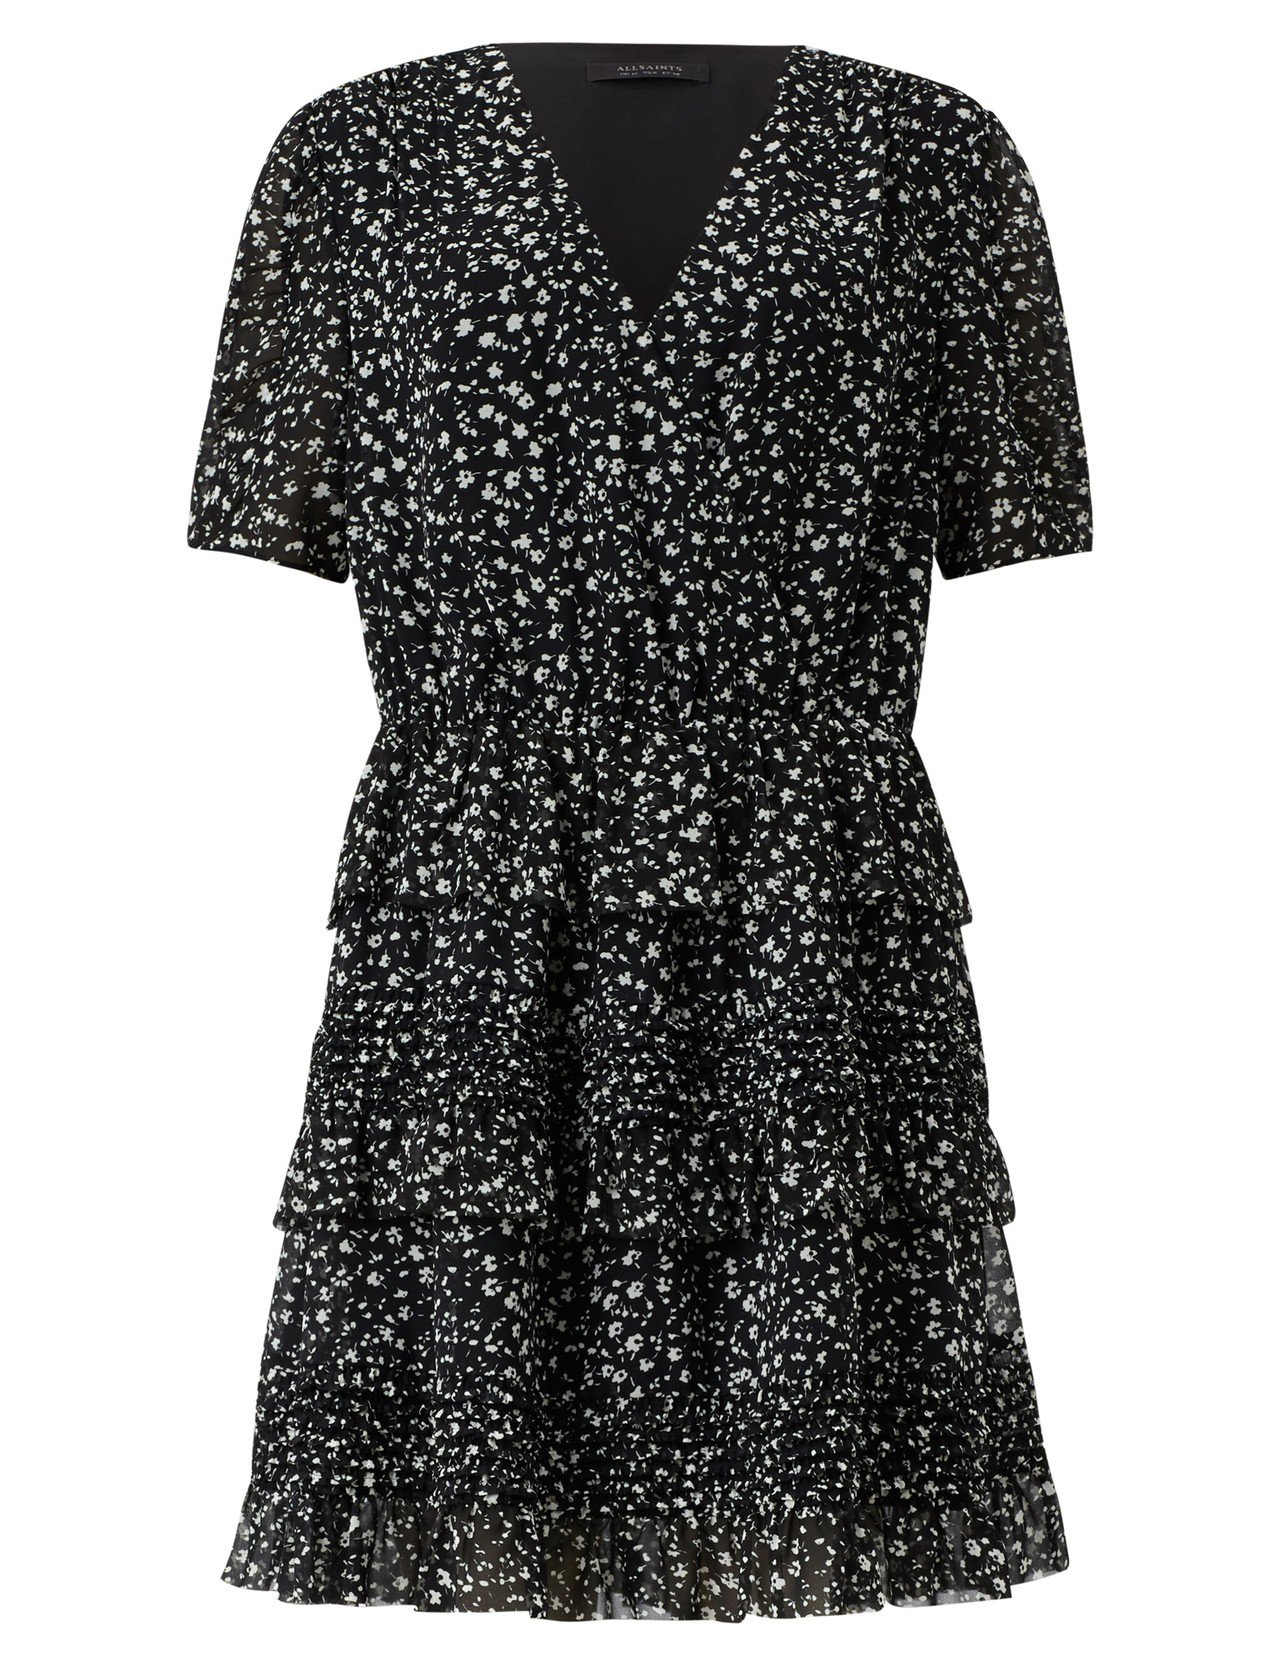 AllSaints Ilia Pippa印花洋裝7,600元。圖/AllSain...